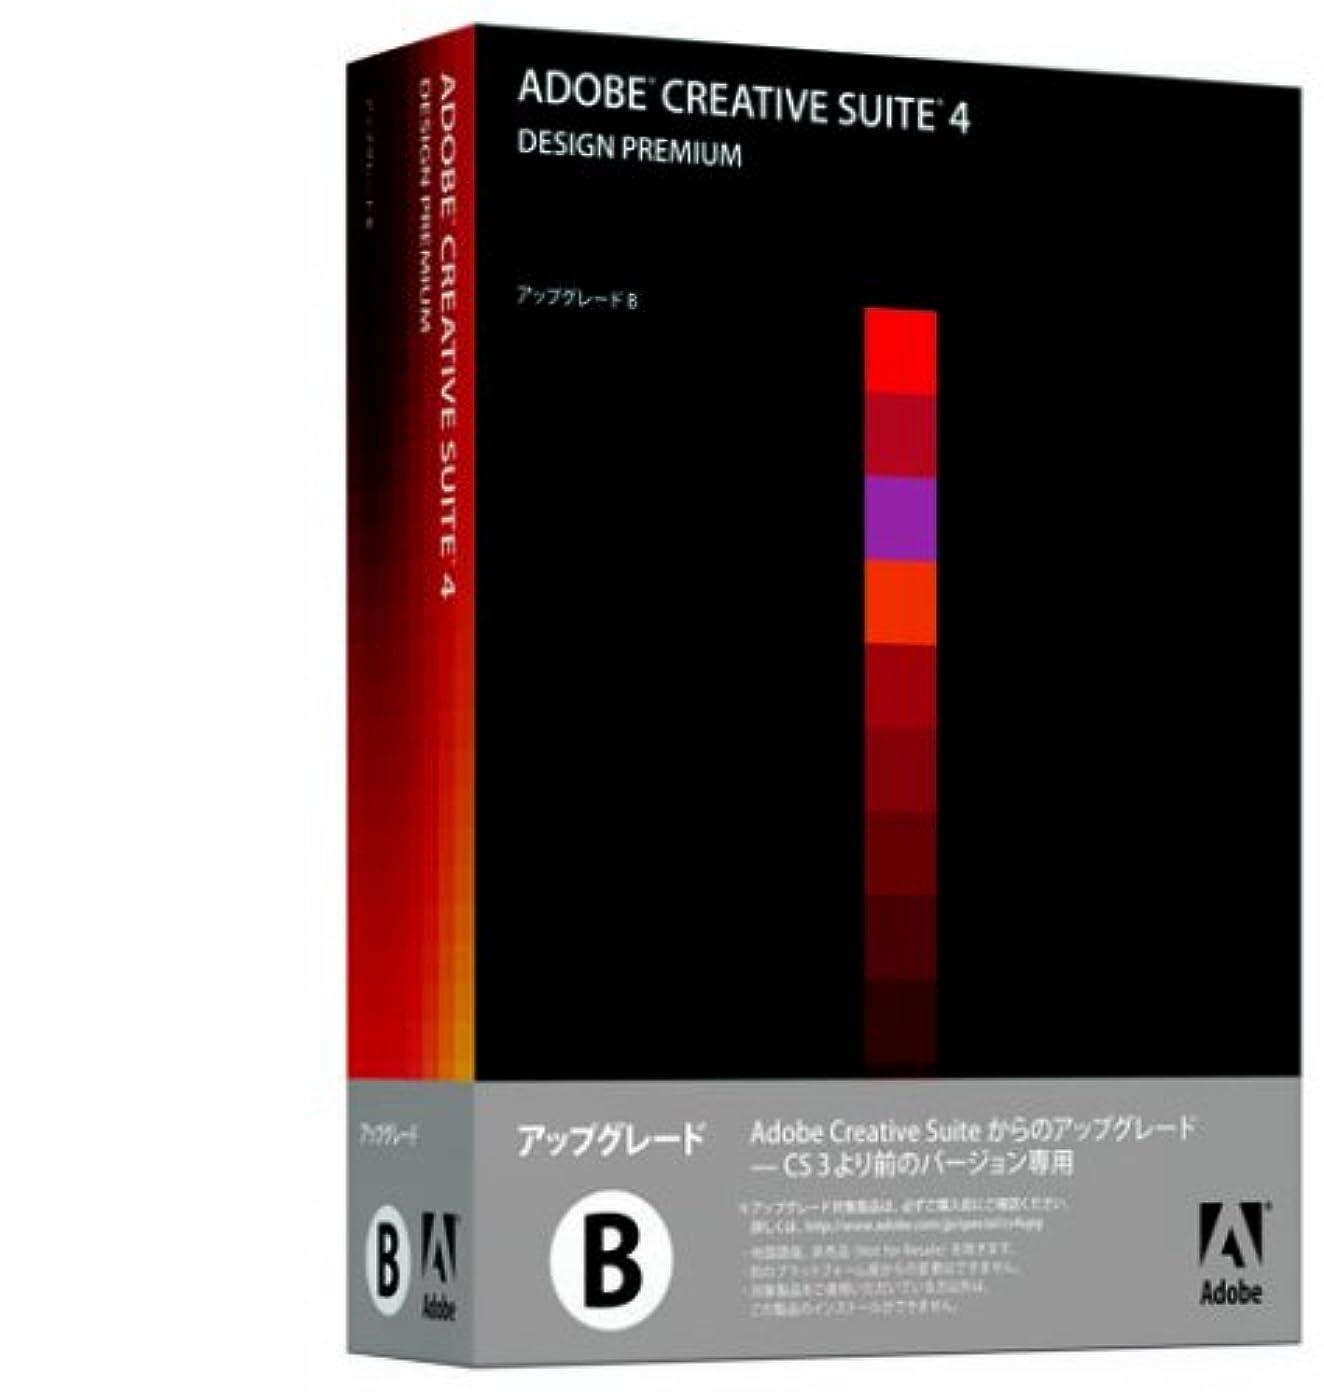 トラブル飽和する成り立つAdobe Creative Suite 4 Design Premium 日本語版 アップグレード版B (SUITES 2/3V) キャンペーン版 Macintosh版 (旧製品)